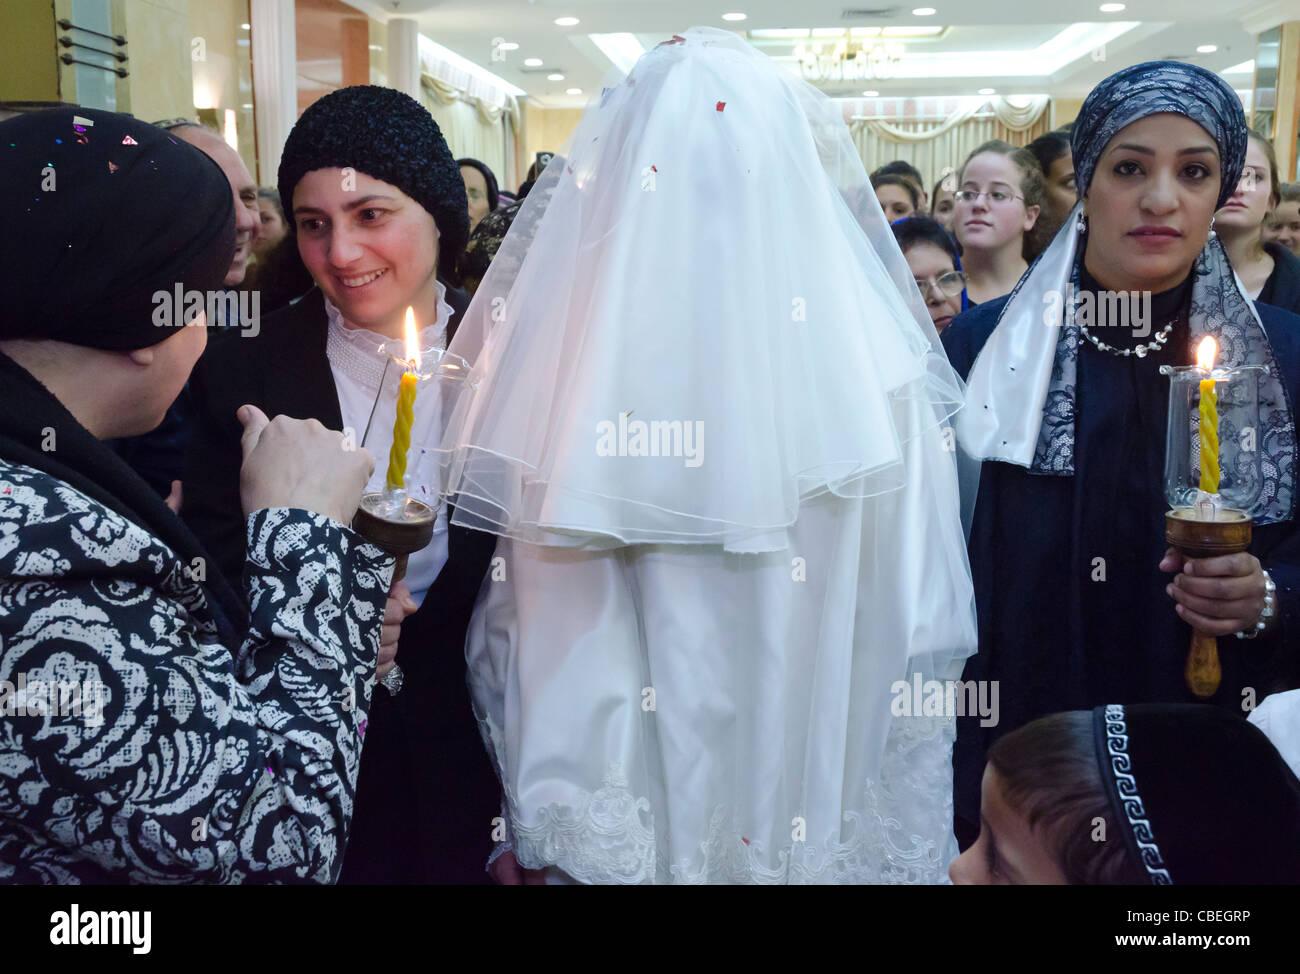 Orthodox Jew Woman Immagini & Orthodox Jew Woman Fotos Stock